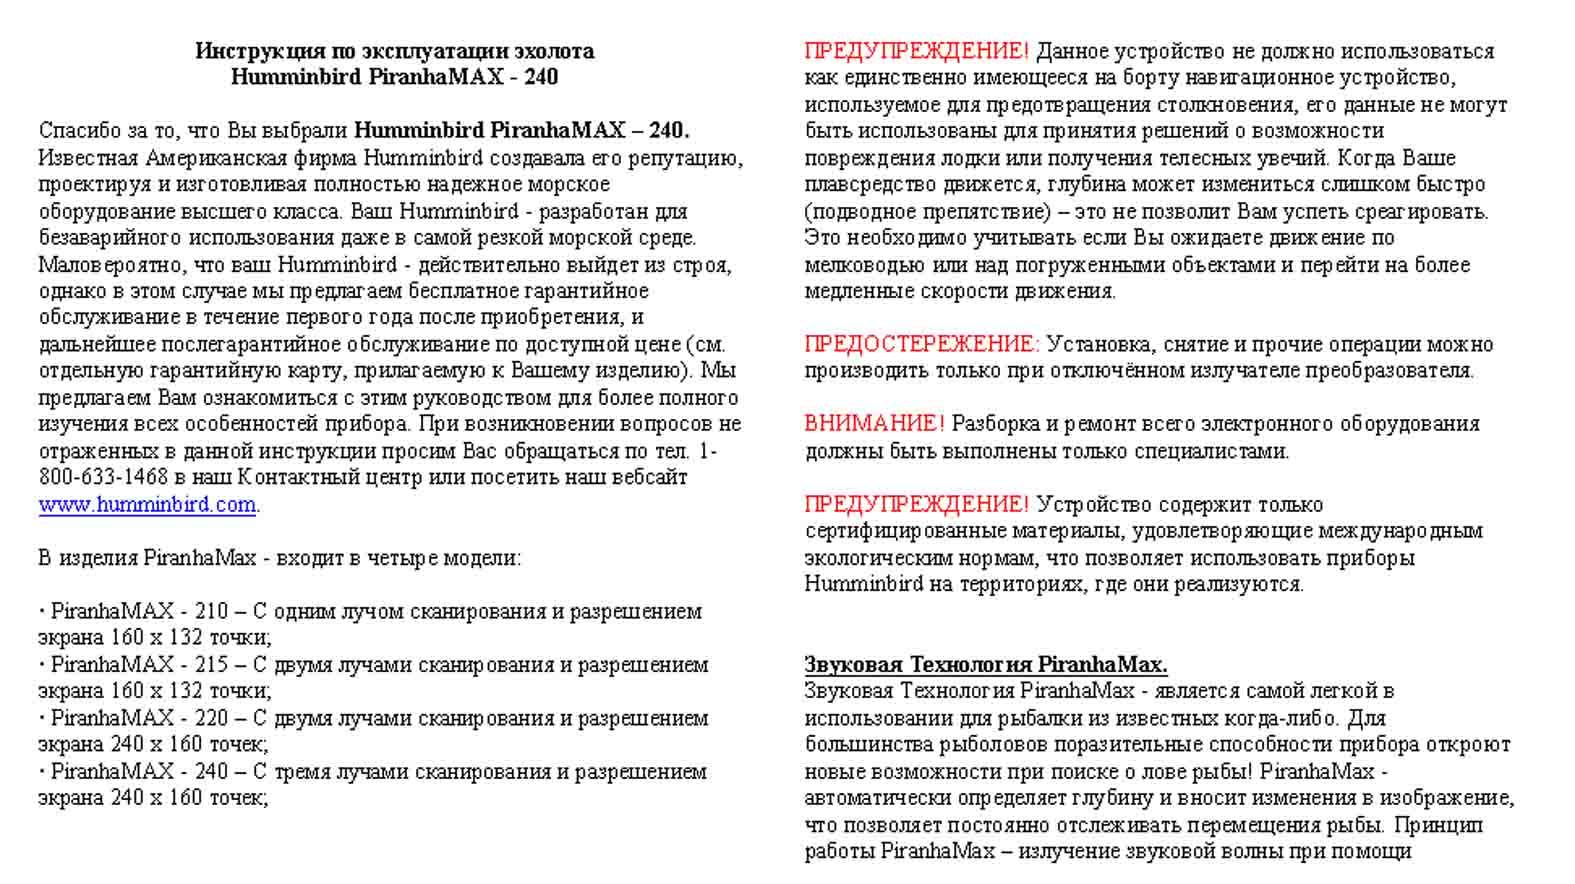 Humminbird piranhamax 240 скачать инструкцию на русском